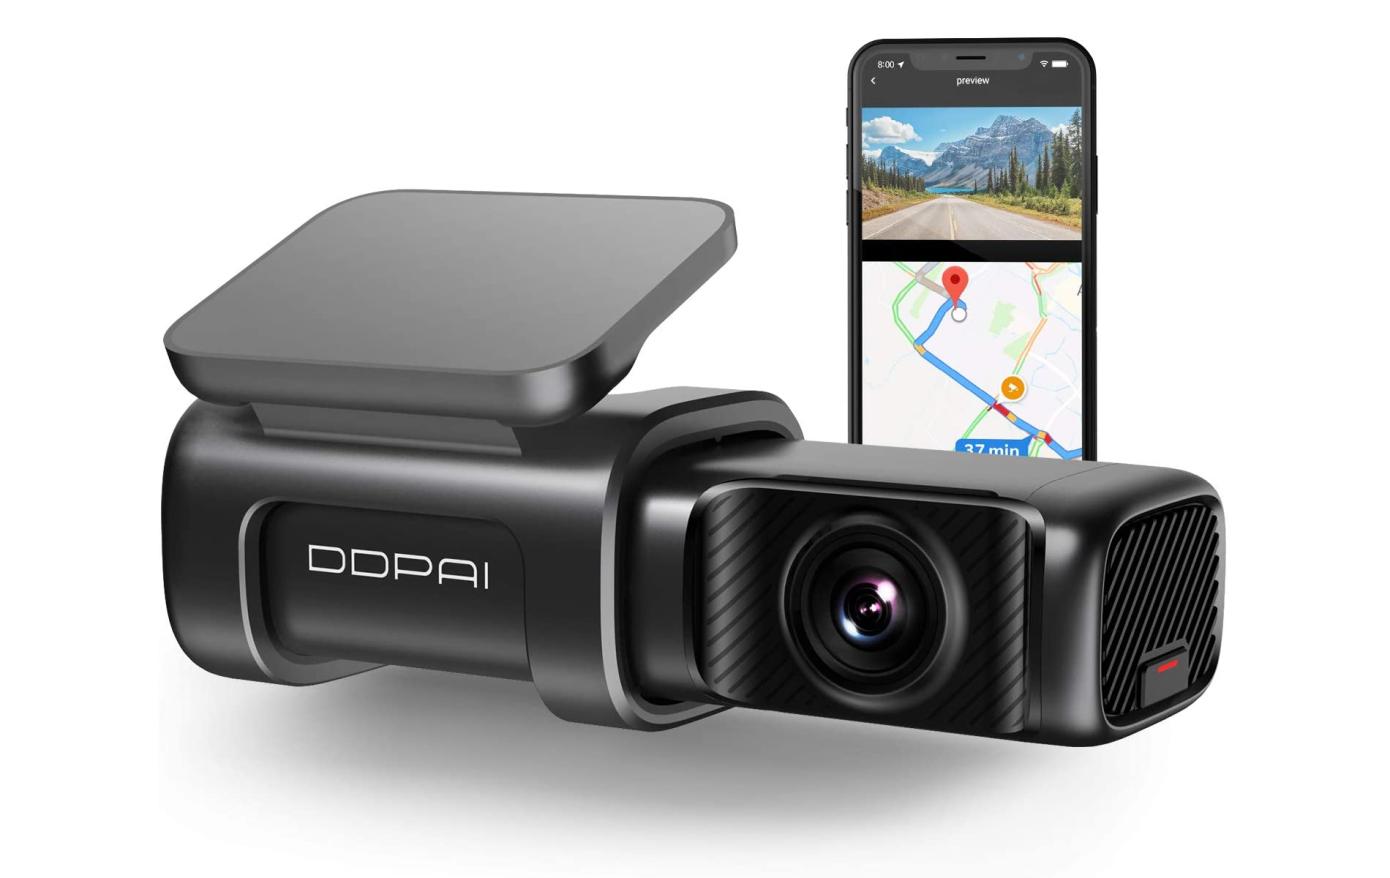 Opisanie Videoregistrator Xiaomi Ddpai Mini 5 Dash Cam 1